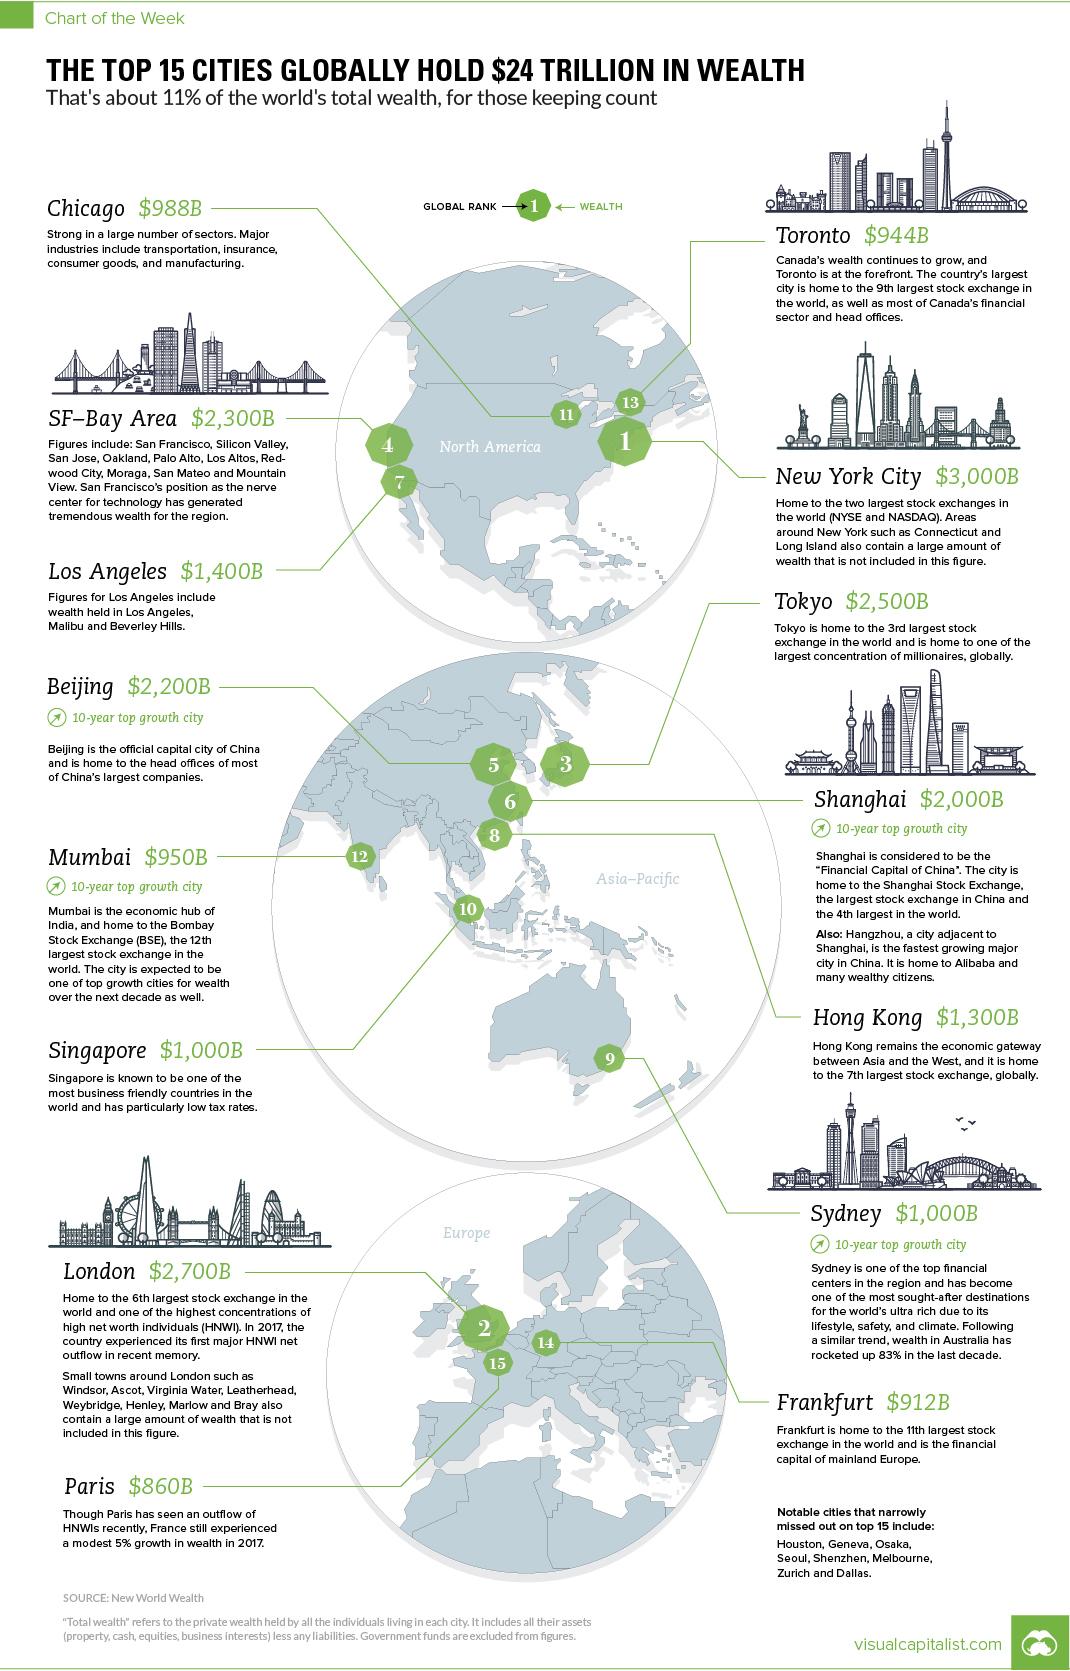 全球最富有城市排行榜:中国三个城市跻身前十